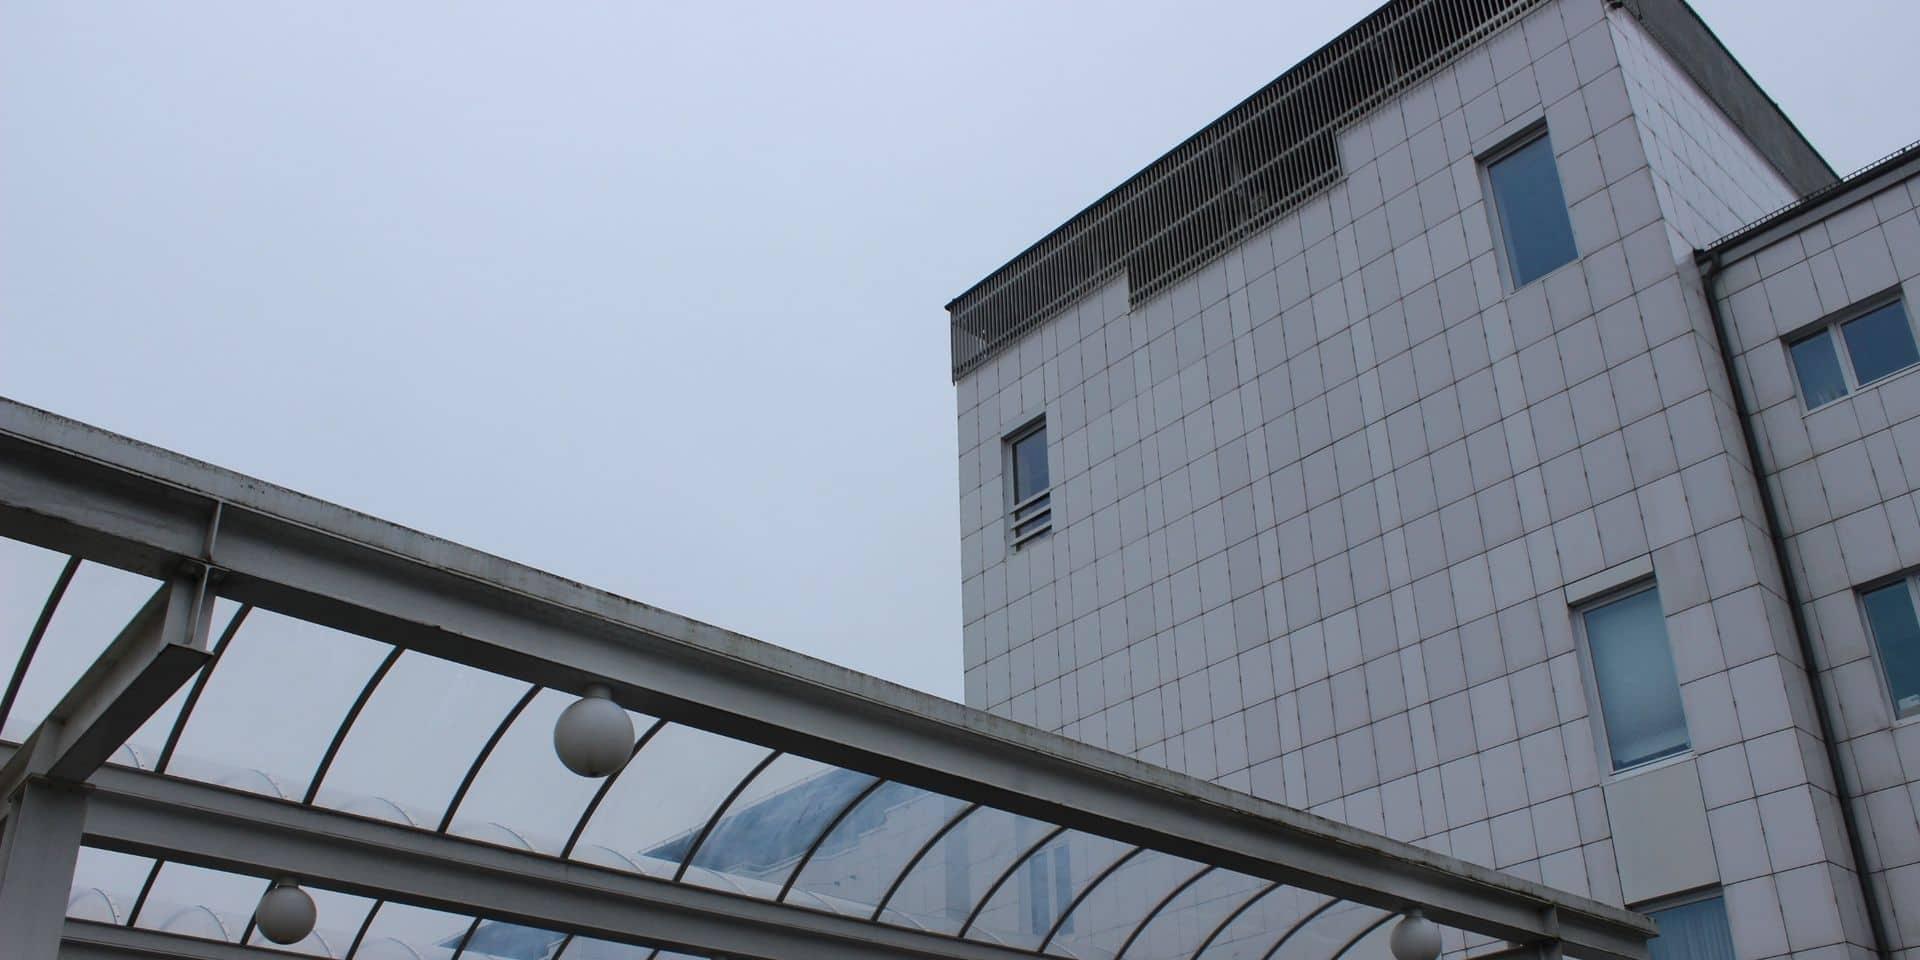 Le rythme des admissions à l'hôpital inquiète en province de Luxembourg